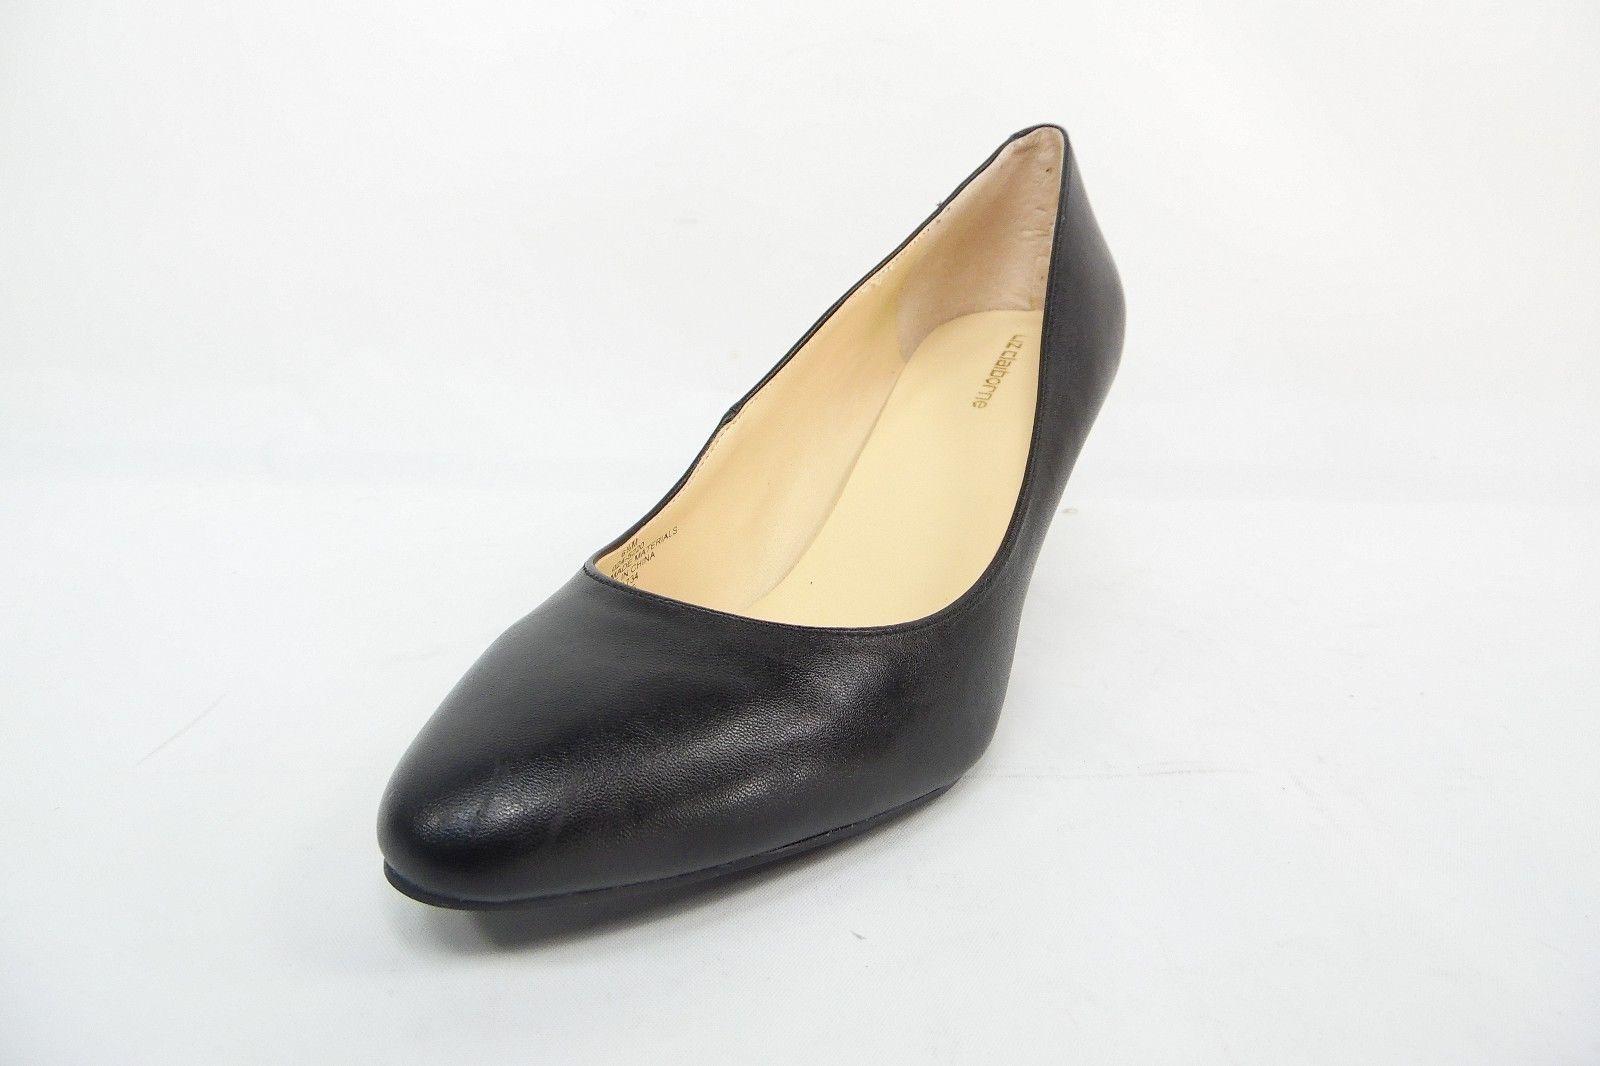 49c61174747 Liz Claiborne Joelle Pumps Kitten Heels and 50 similar items. S l1600